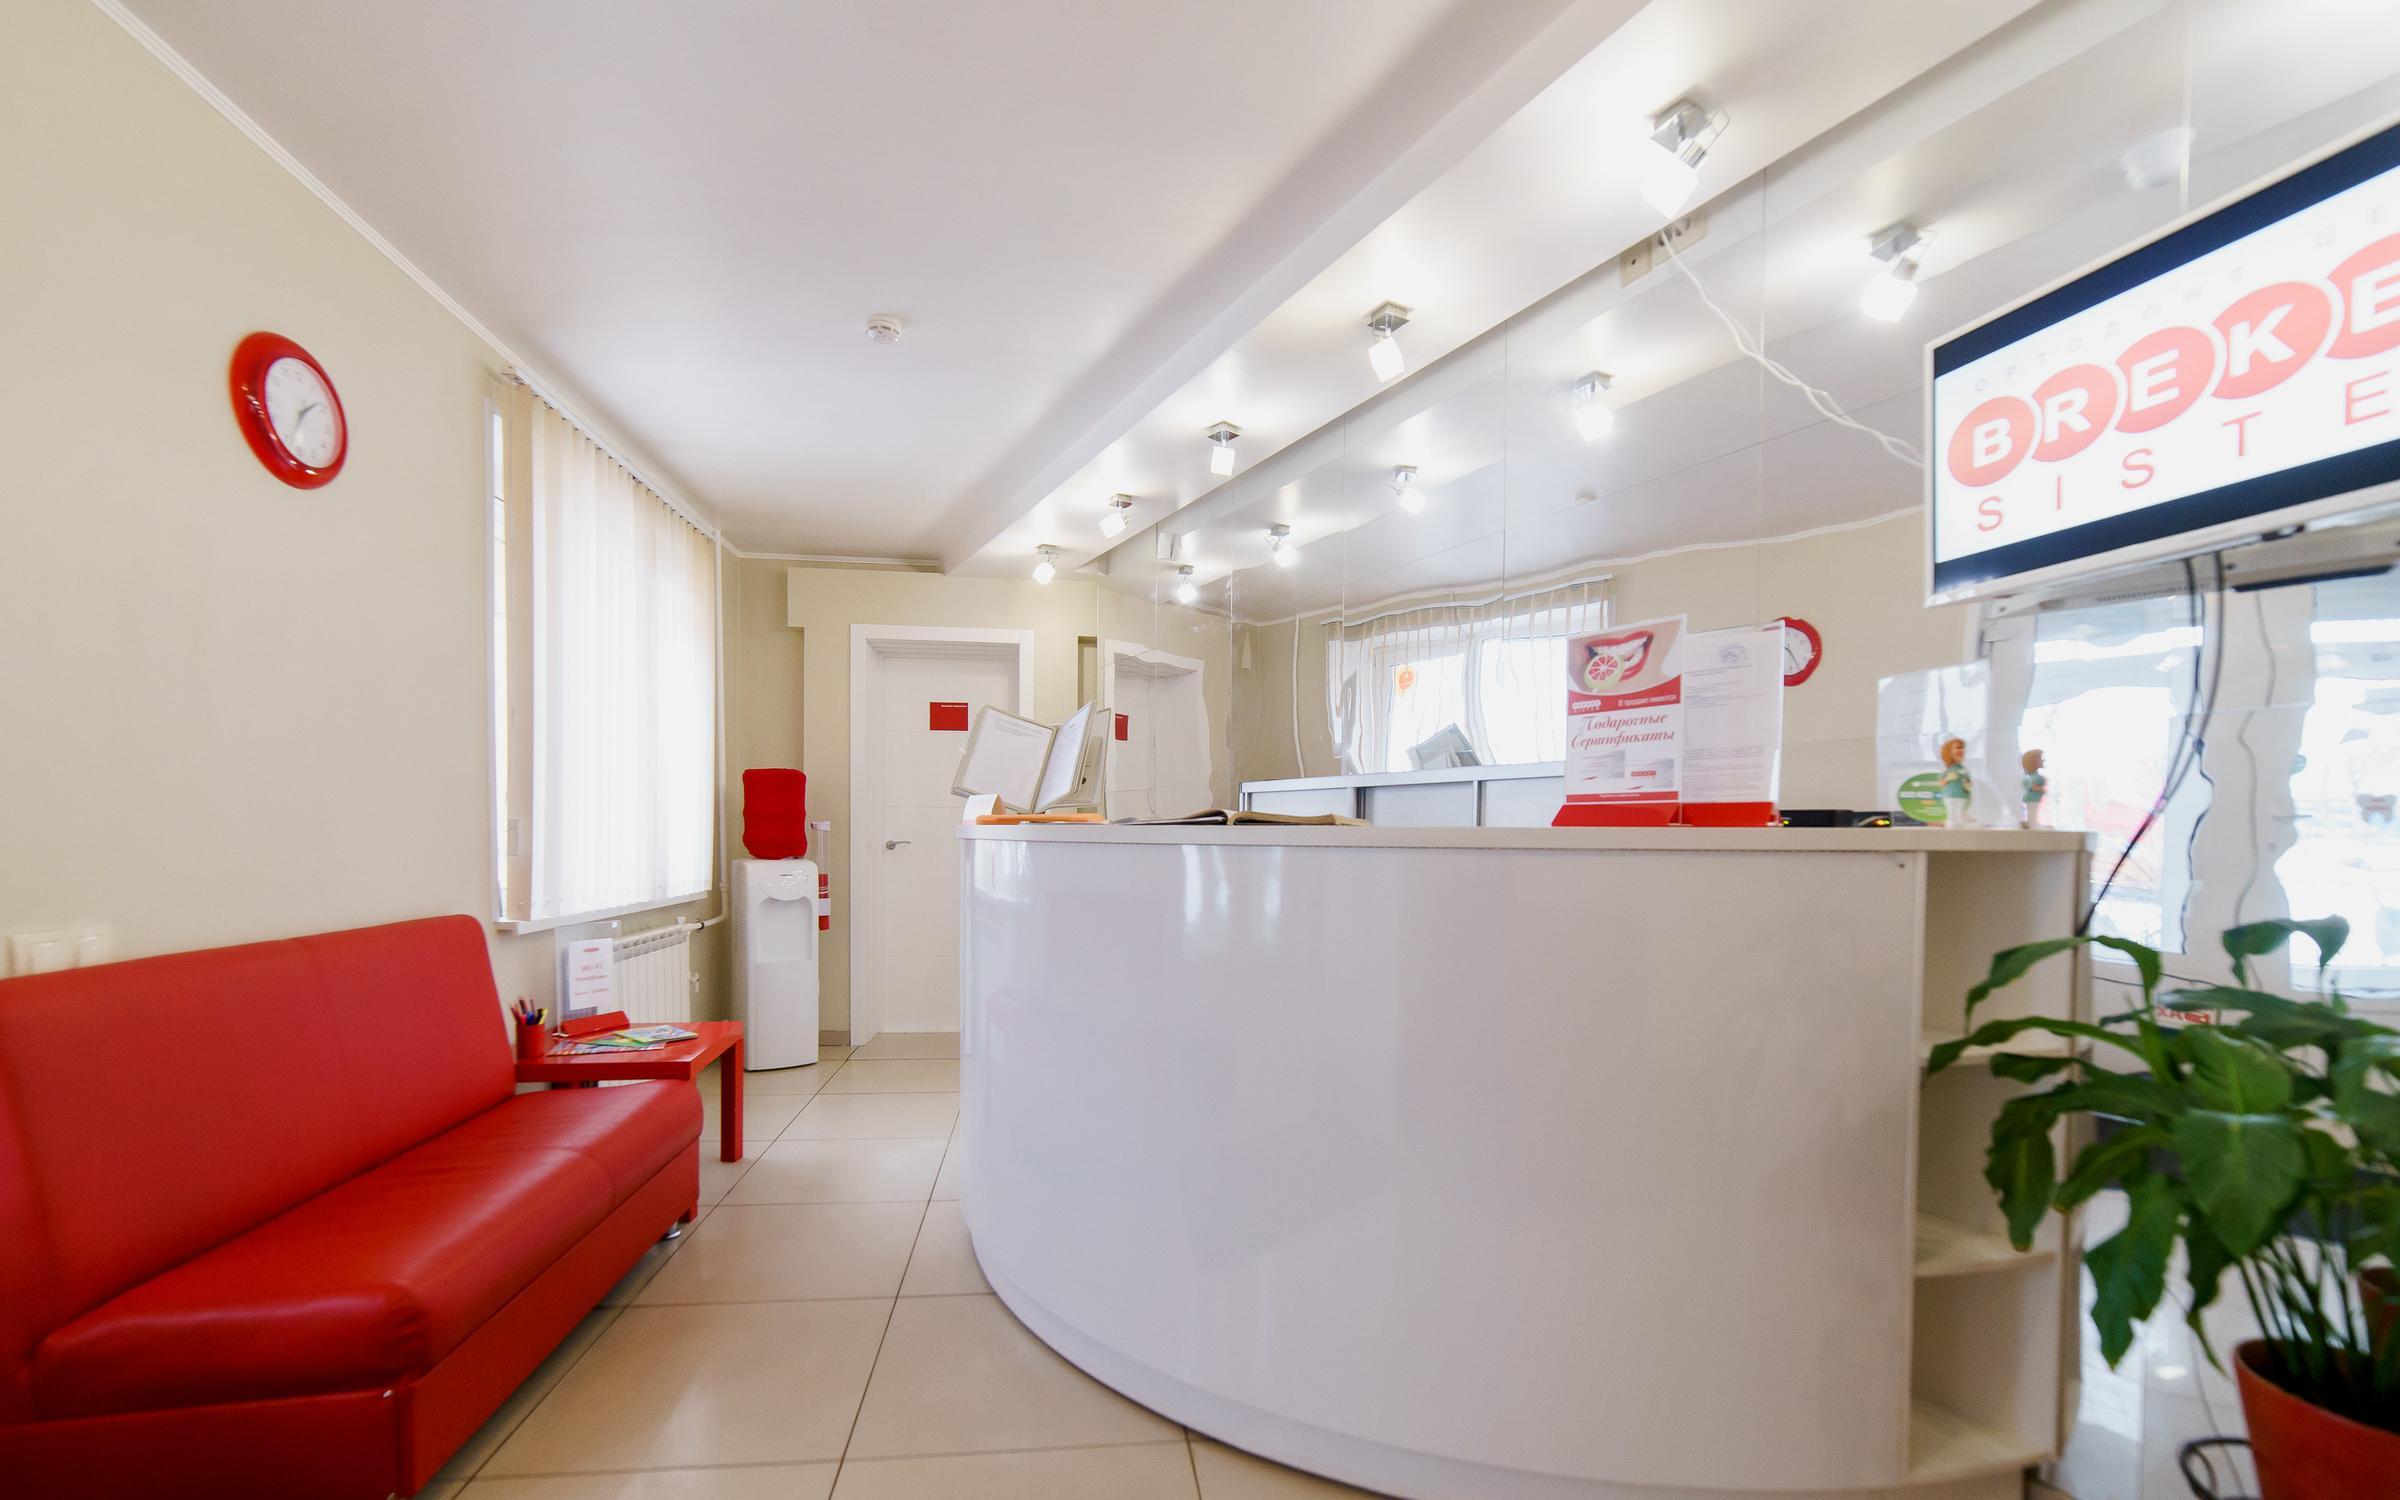 фотография Стоматологической клиники Брекет Систем на Керченской улице